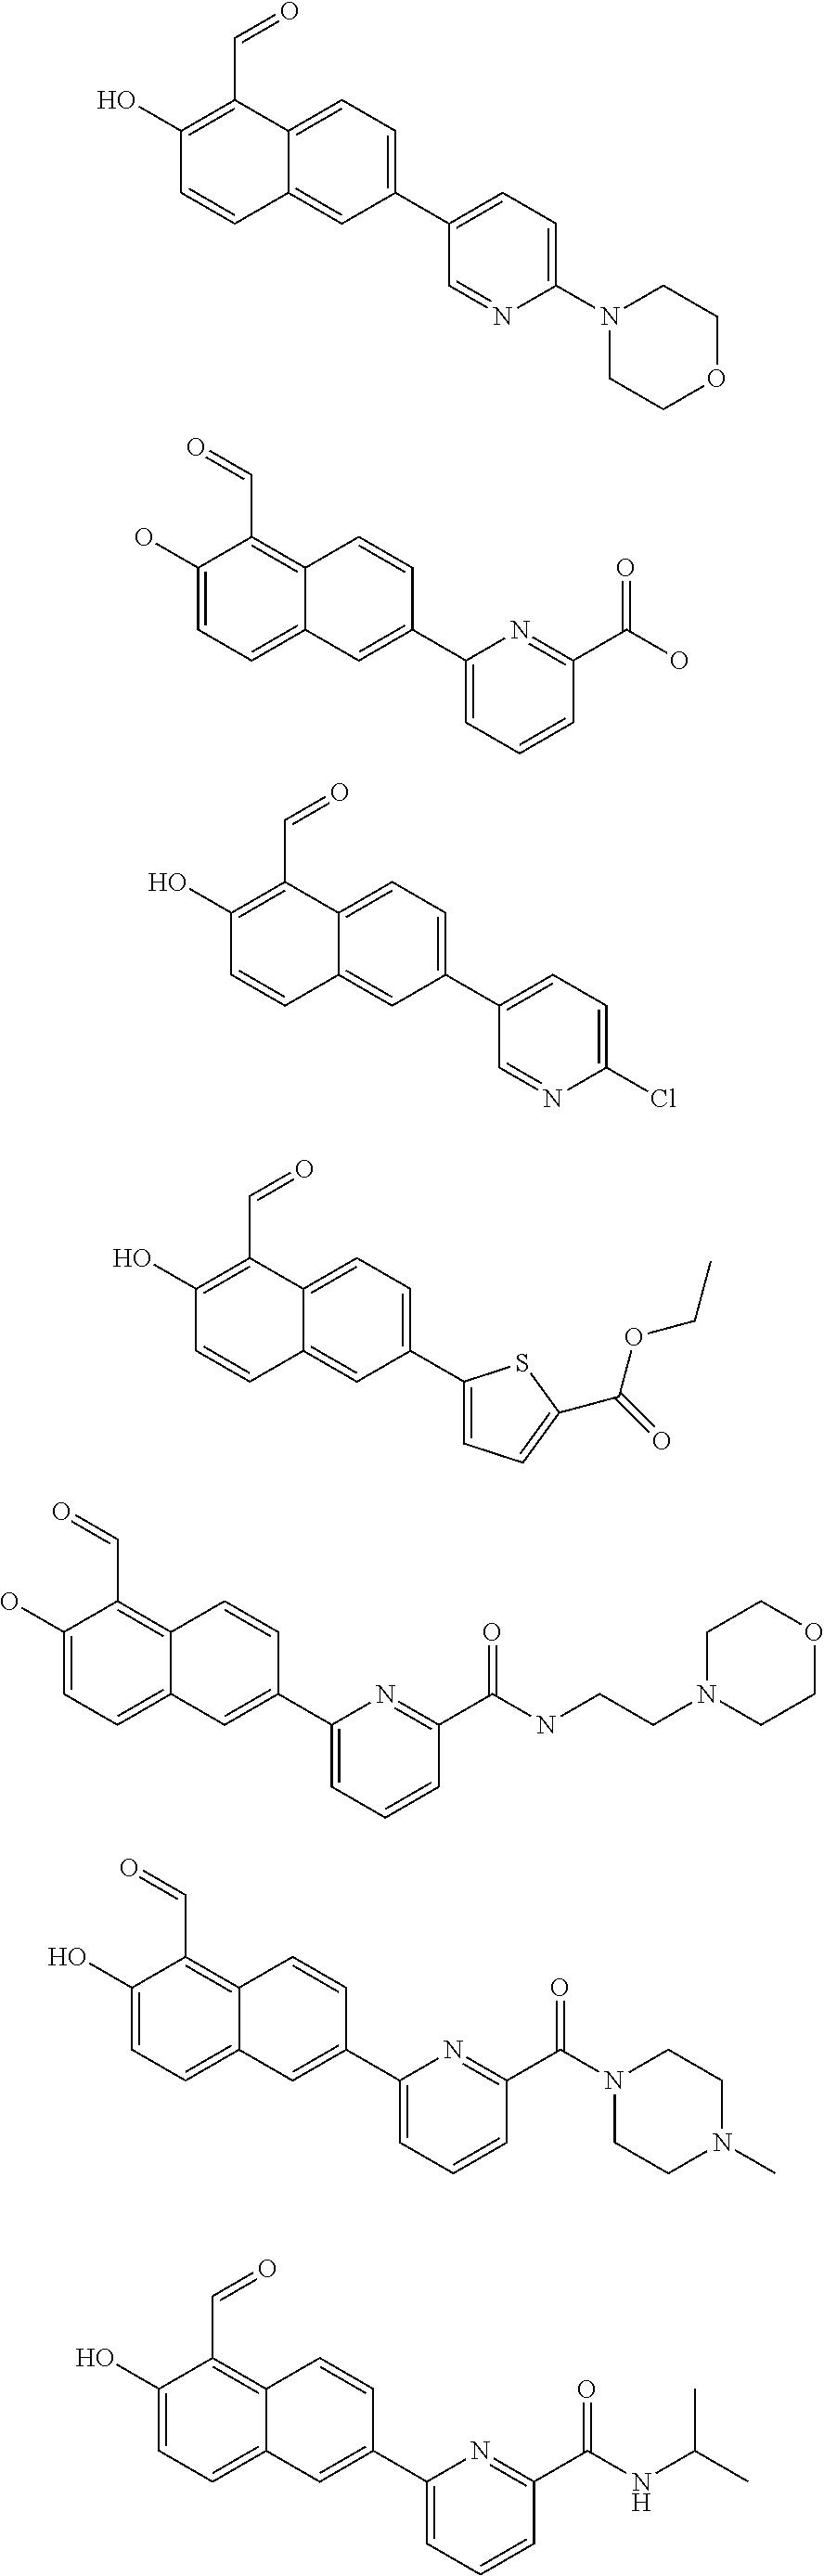 Figure US20110065162A1-20110317-C00128